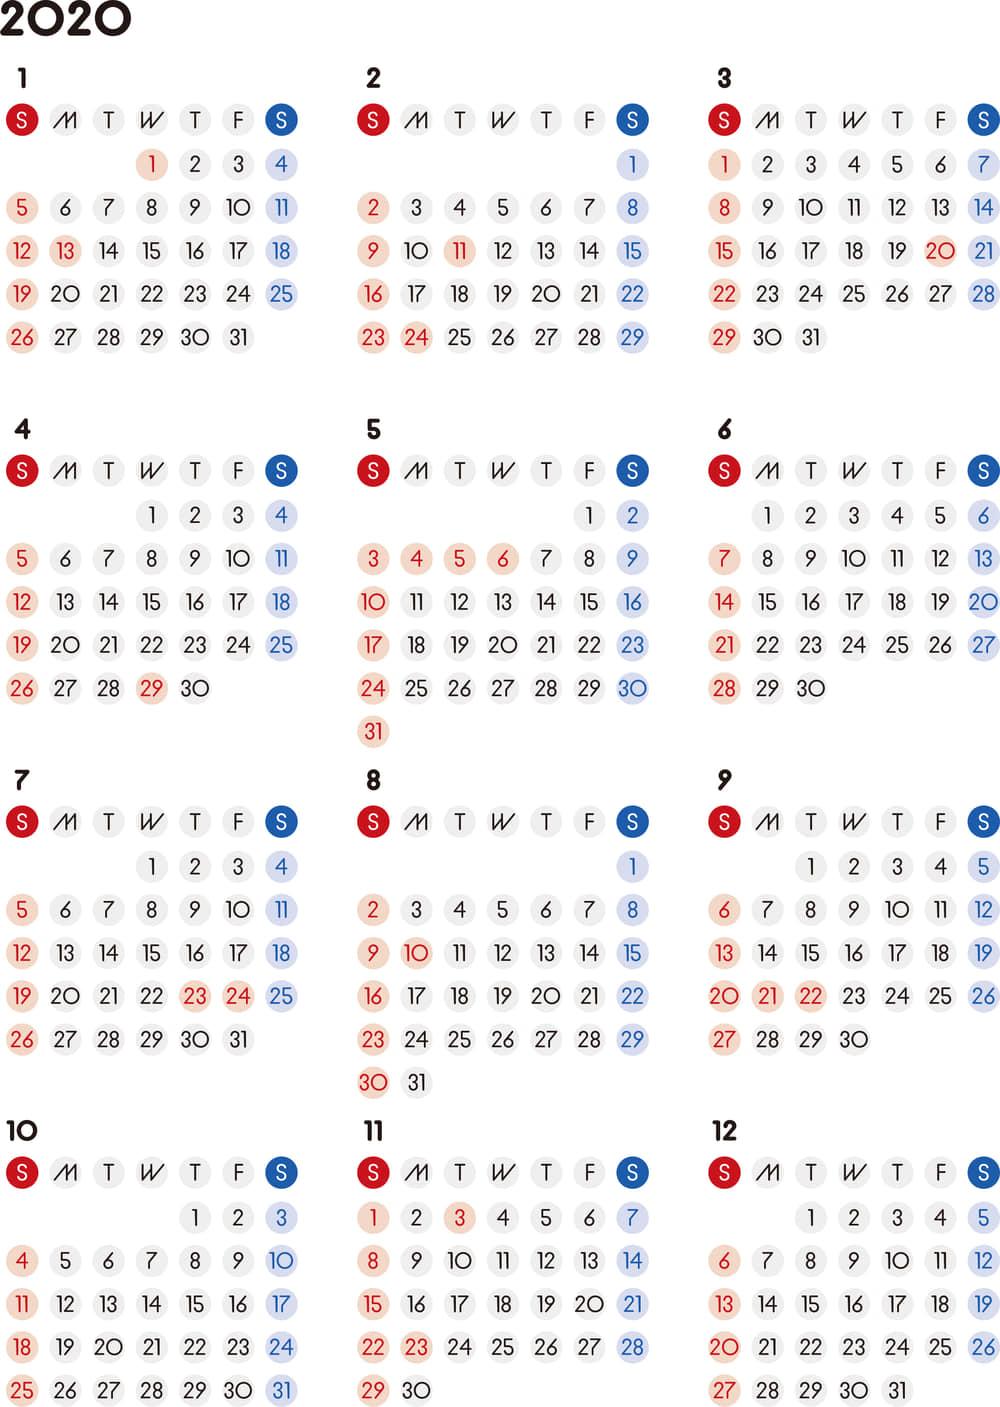 カレンダー 2020 無料 シンプルなカレンダー A4 丸バージョン (日曜始まり)